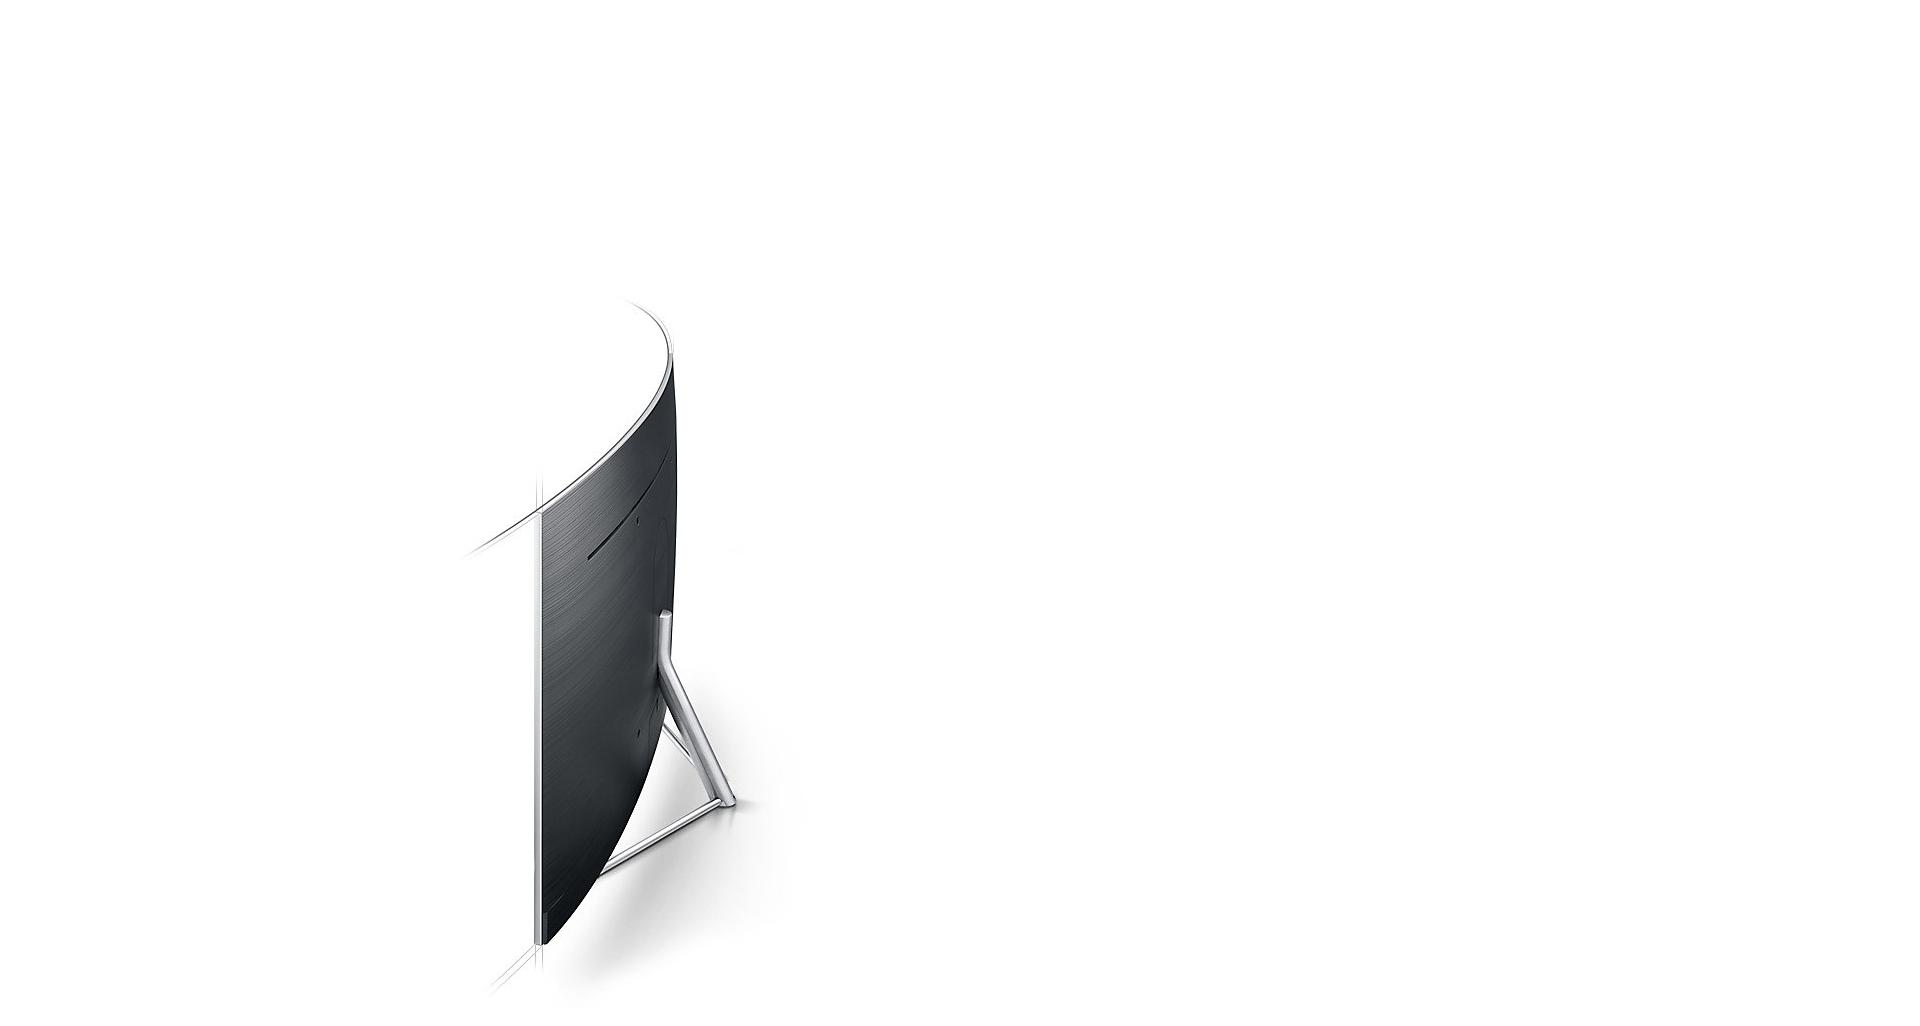 انحنای بی نظیر نمایشگر ال ای دی Q78C